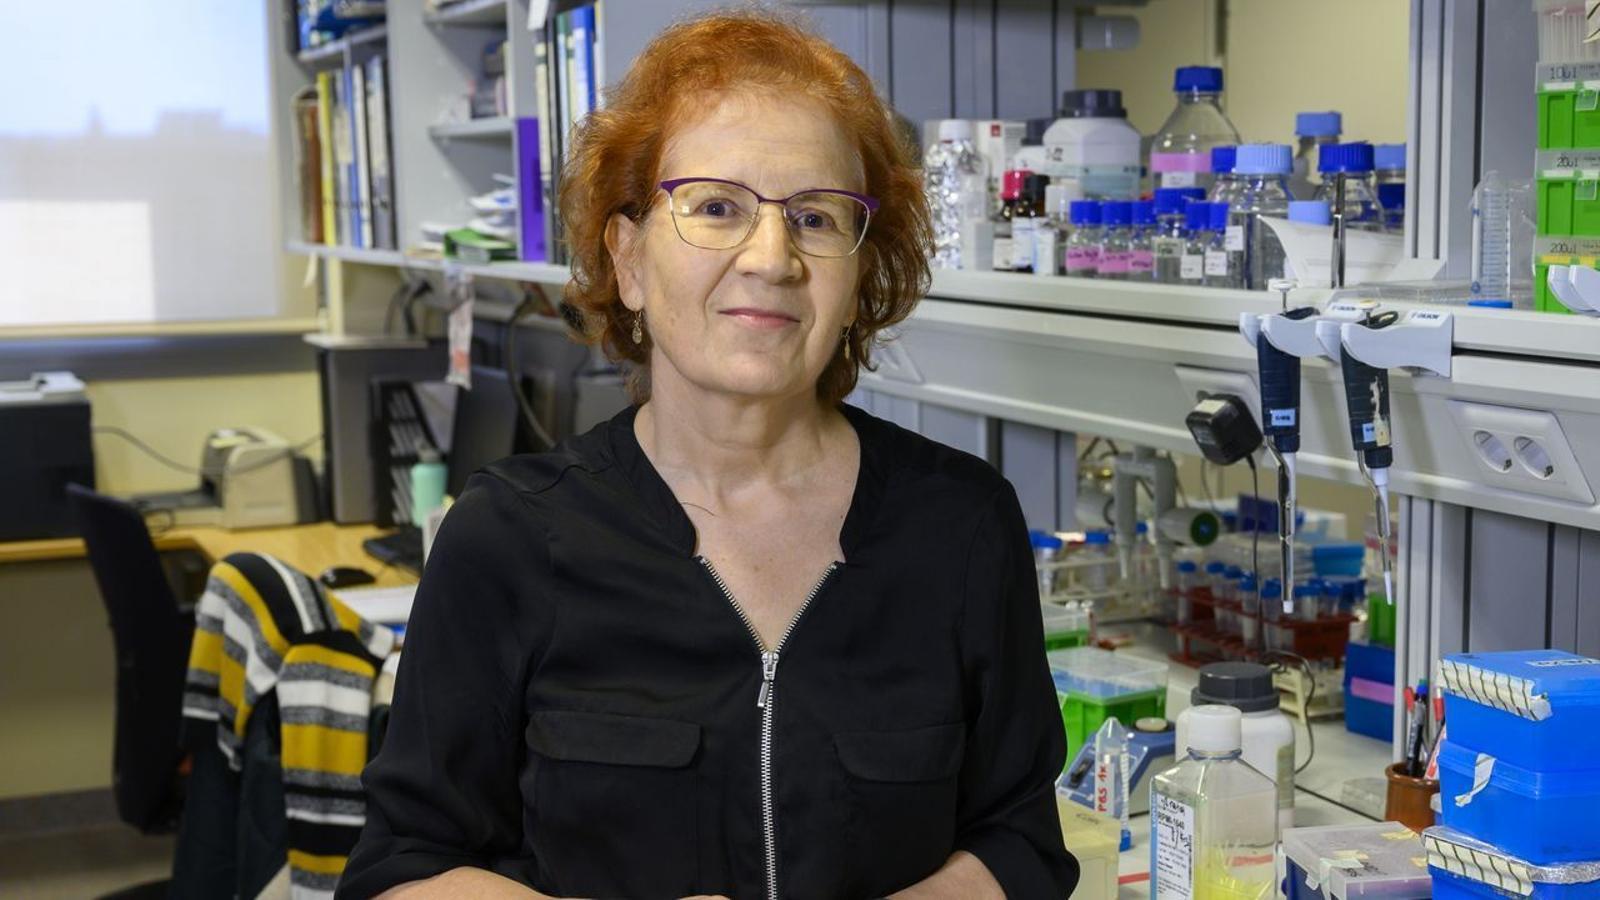 La viròloga del Consell Superior de Recerques Científiques, Margarita del Val, durant una entrevista